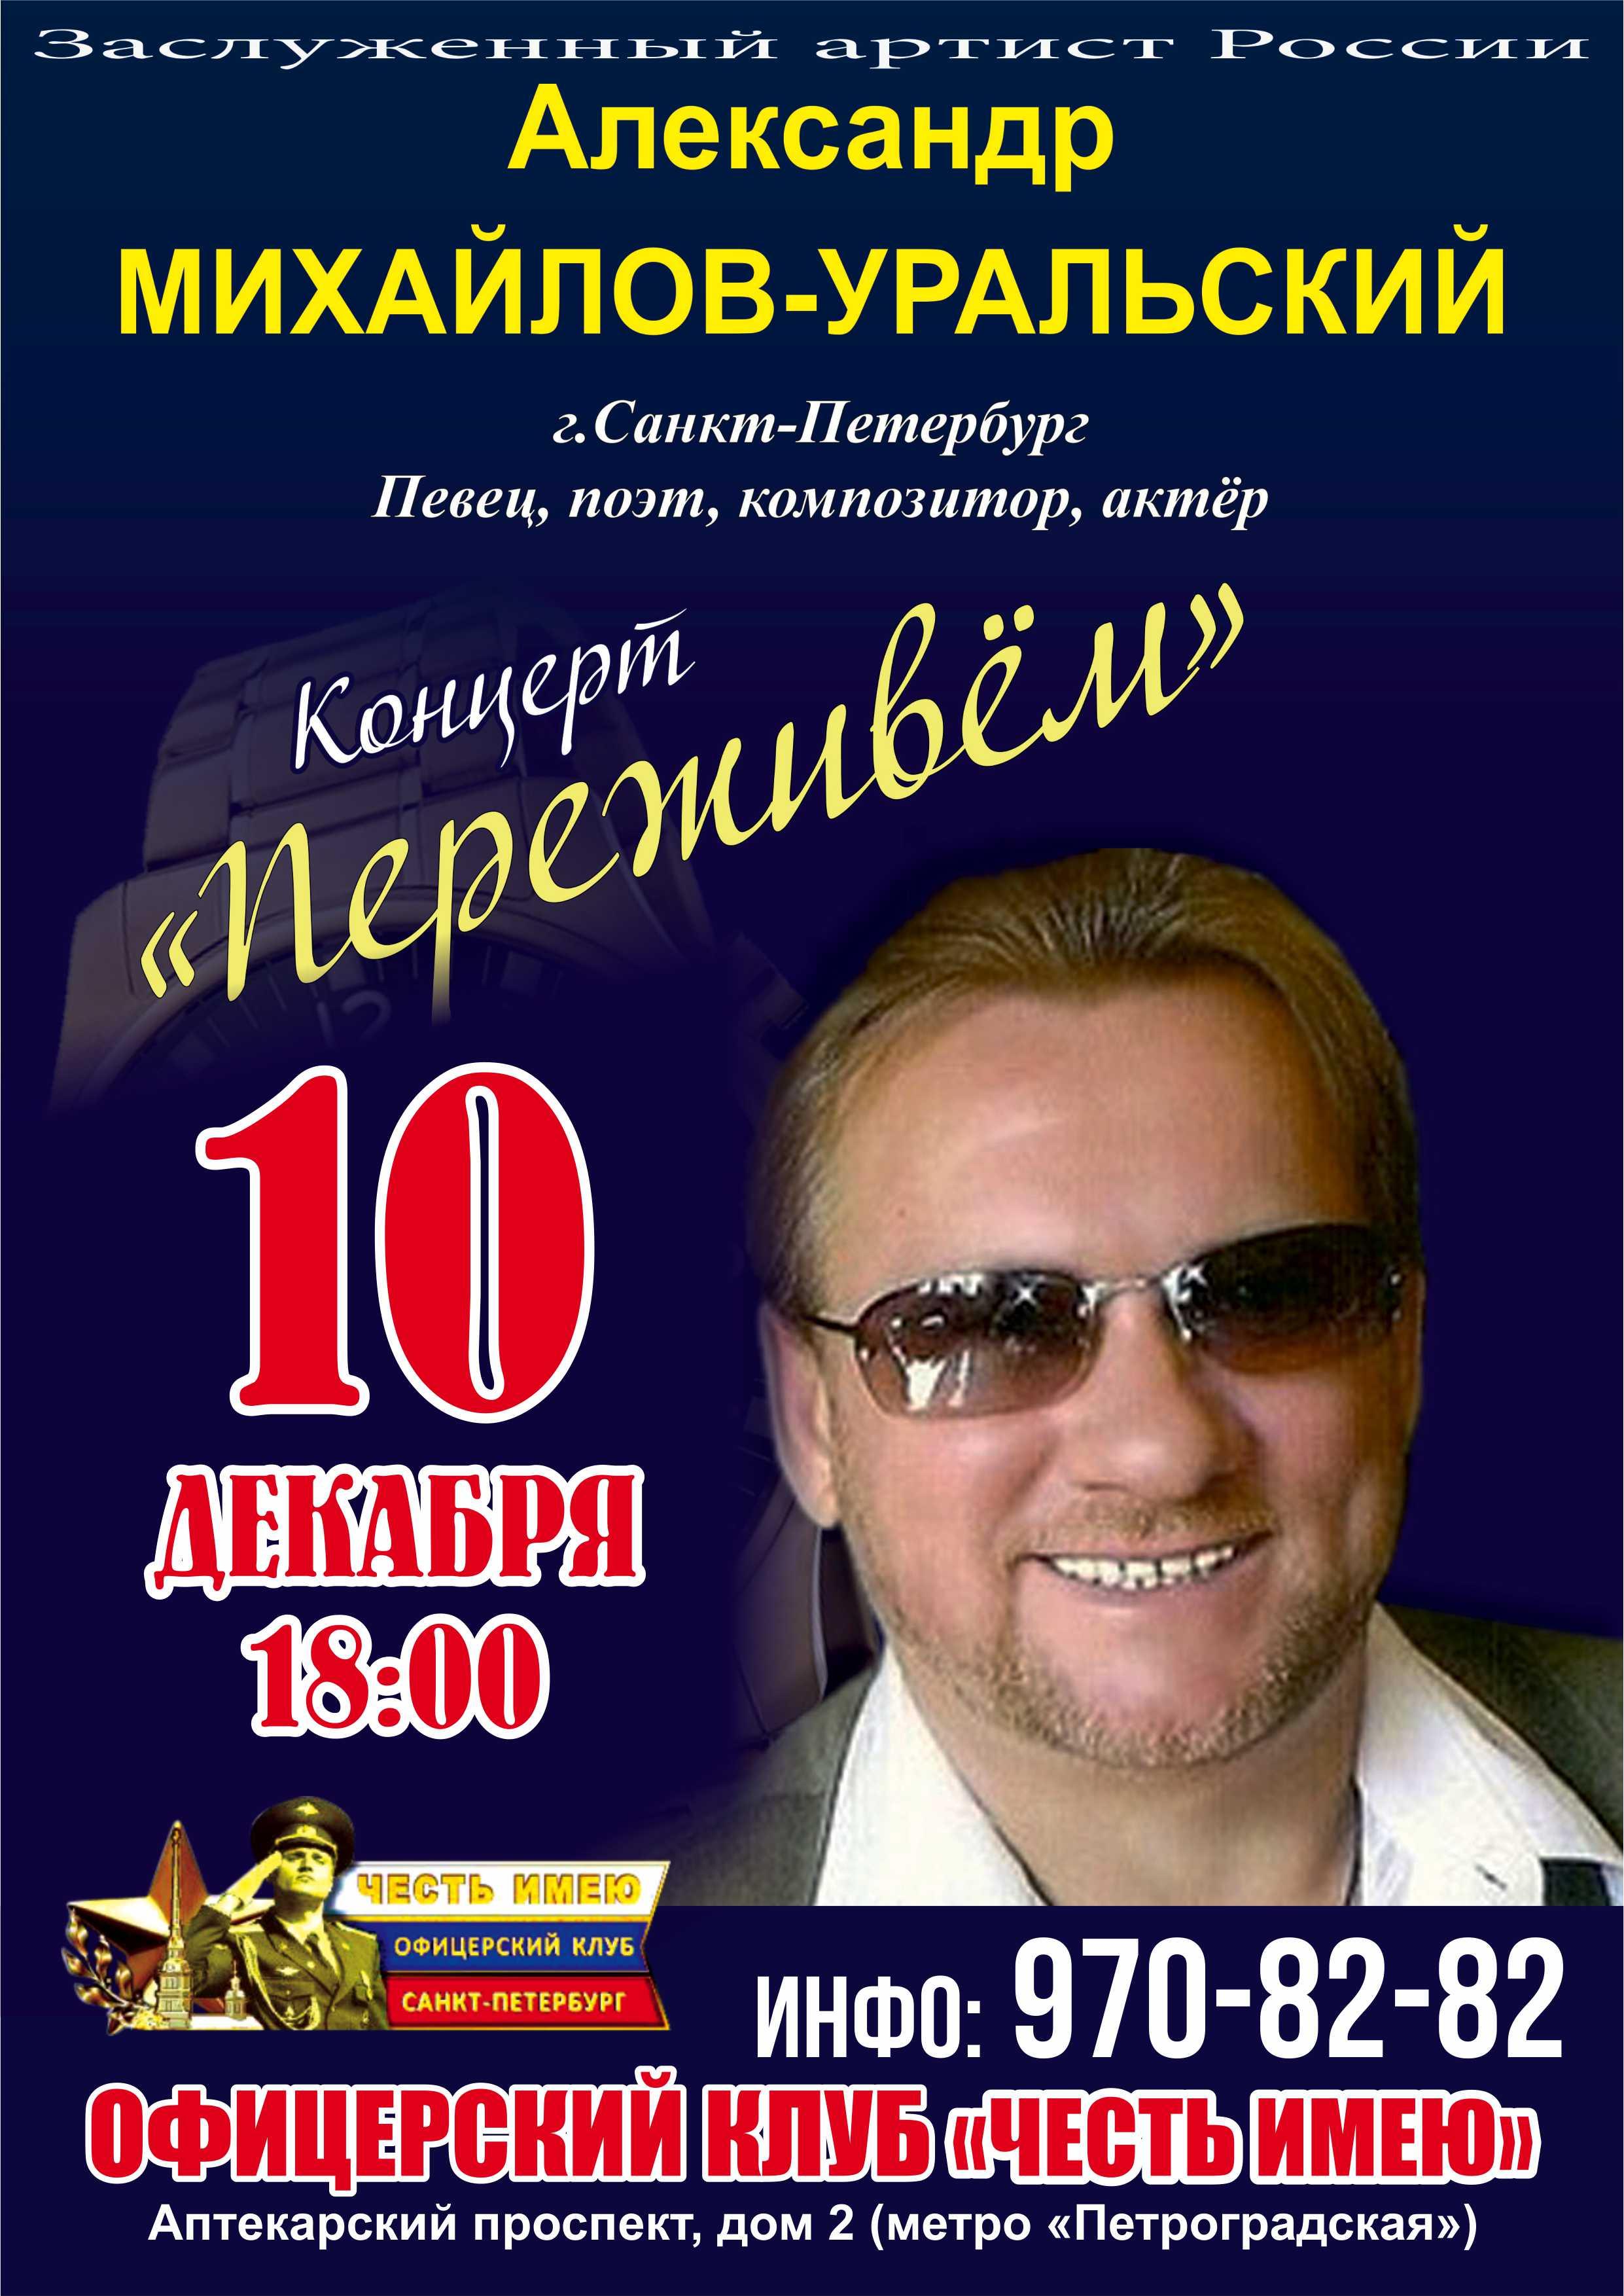 Аватар Михайлов-Уральский (1)